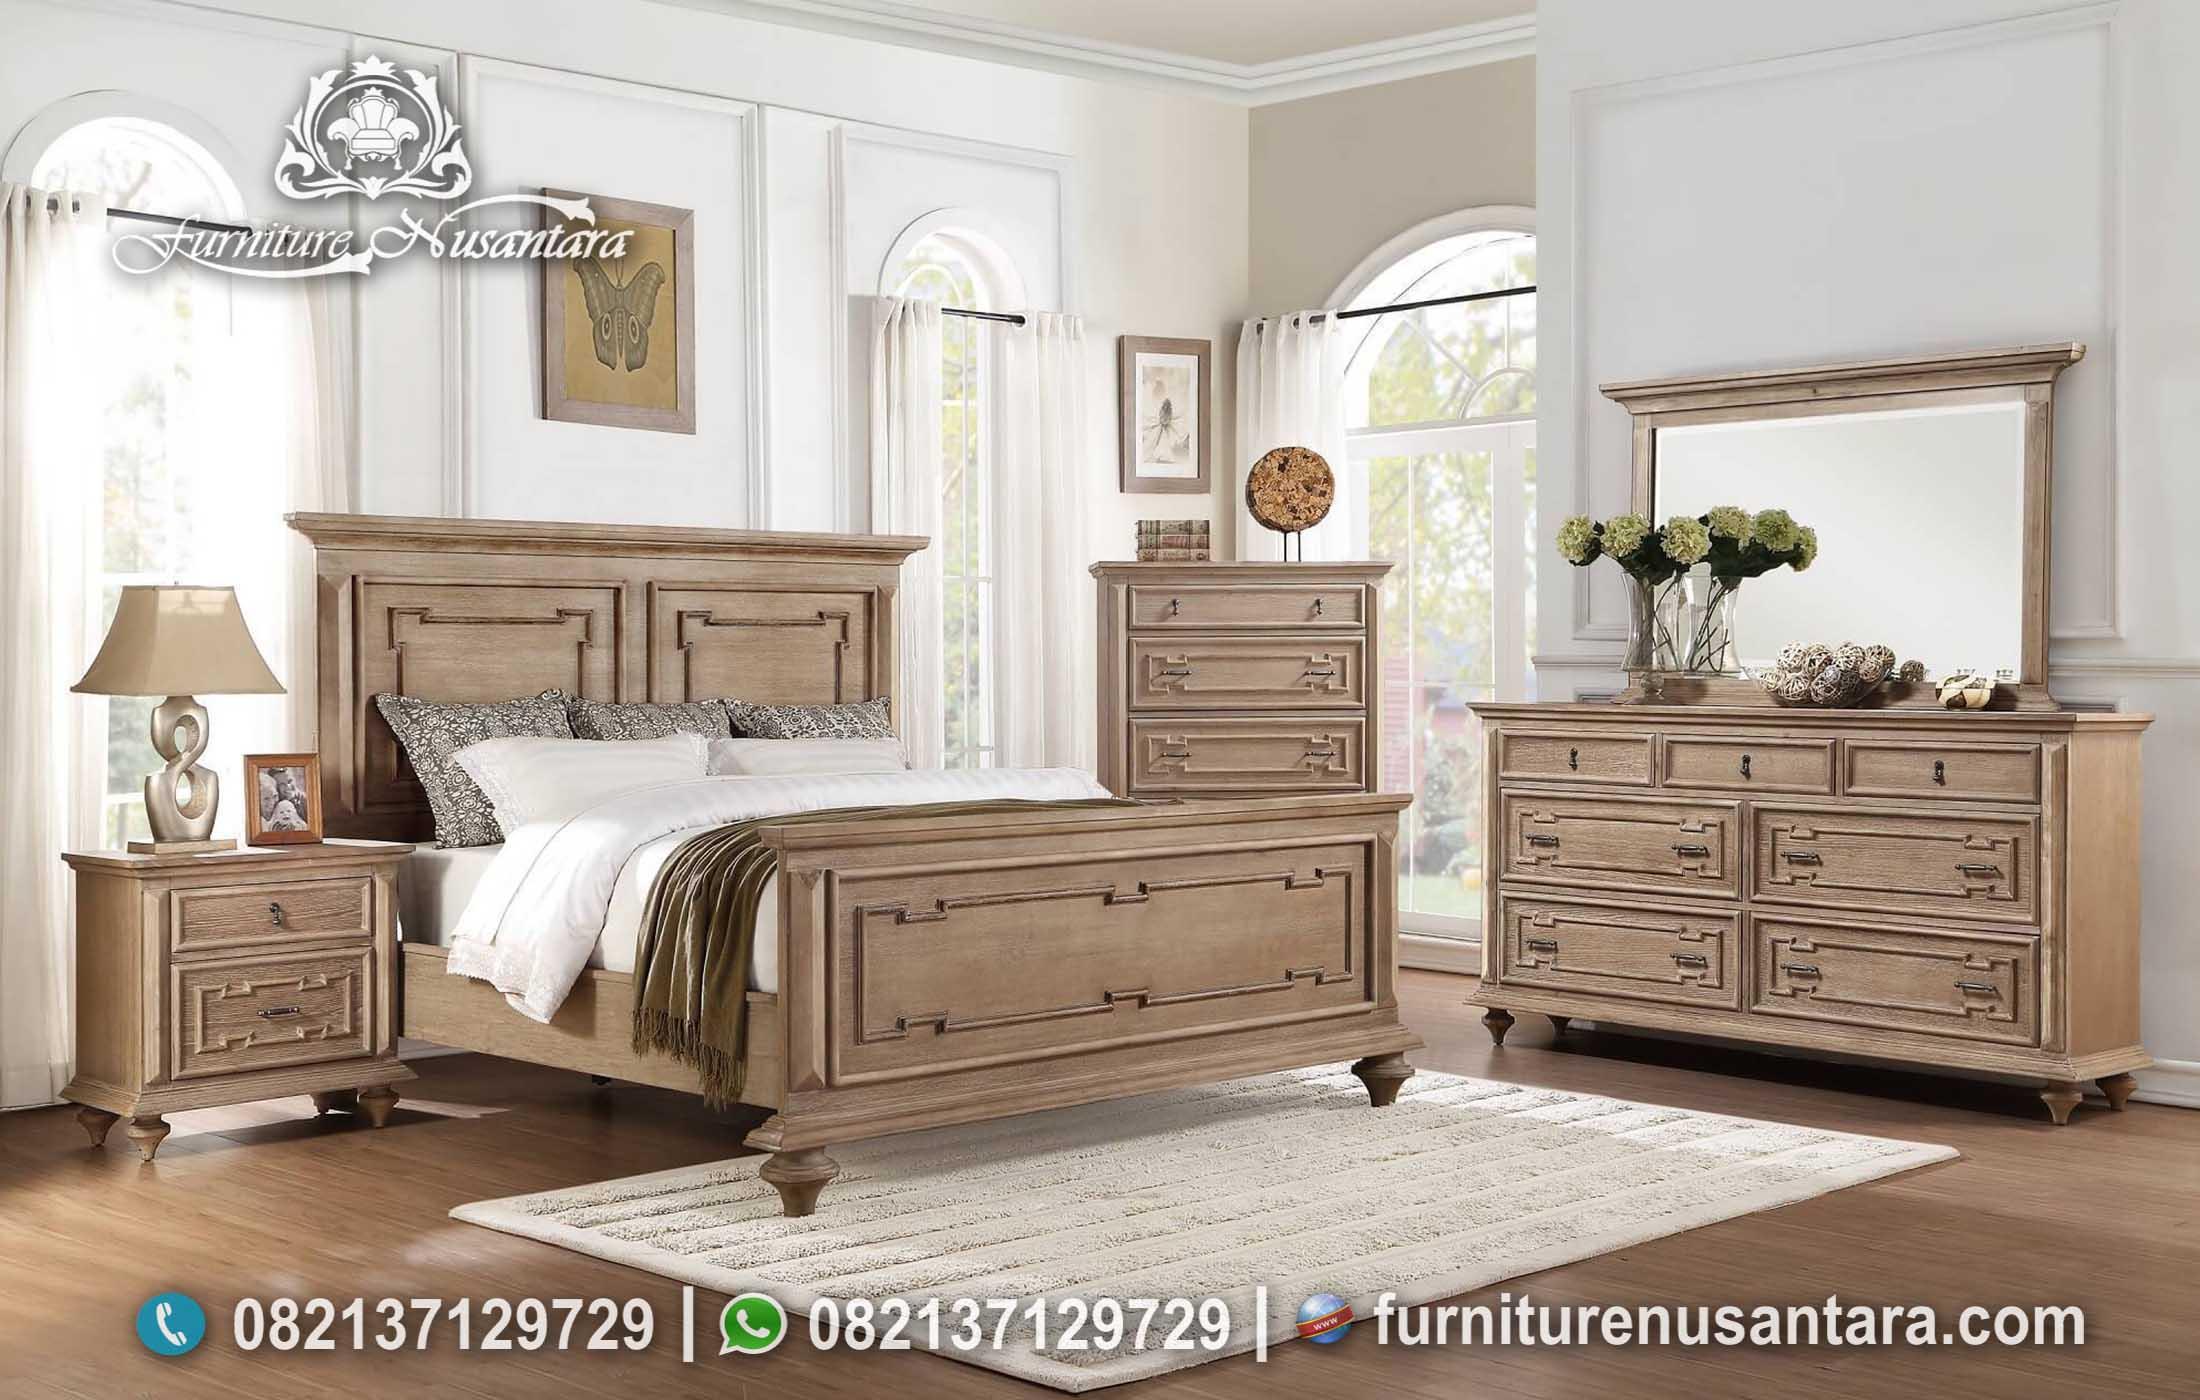 Kamar Anak Cowok Terbaru KS-107, Furniture Nusantara